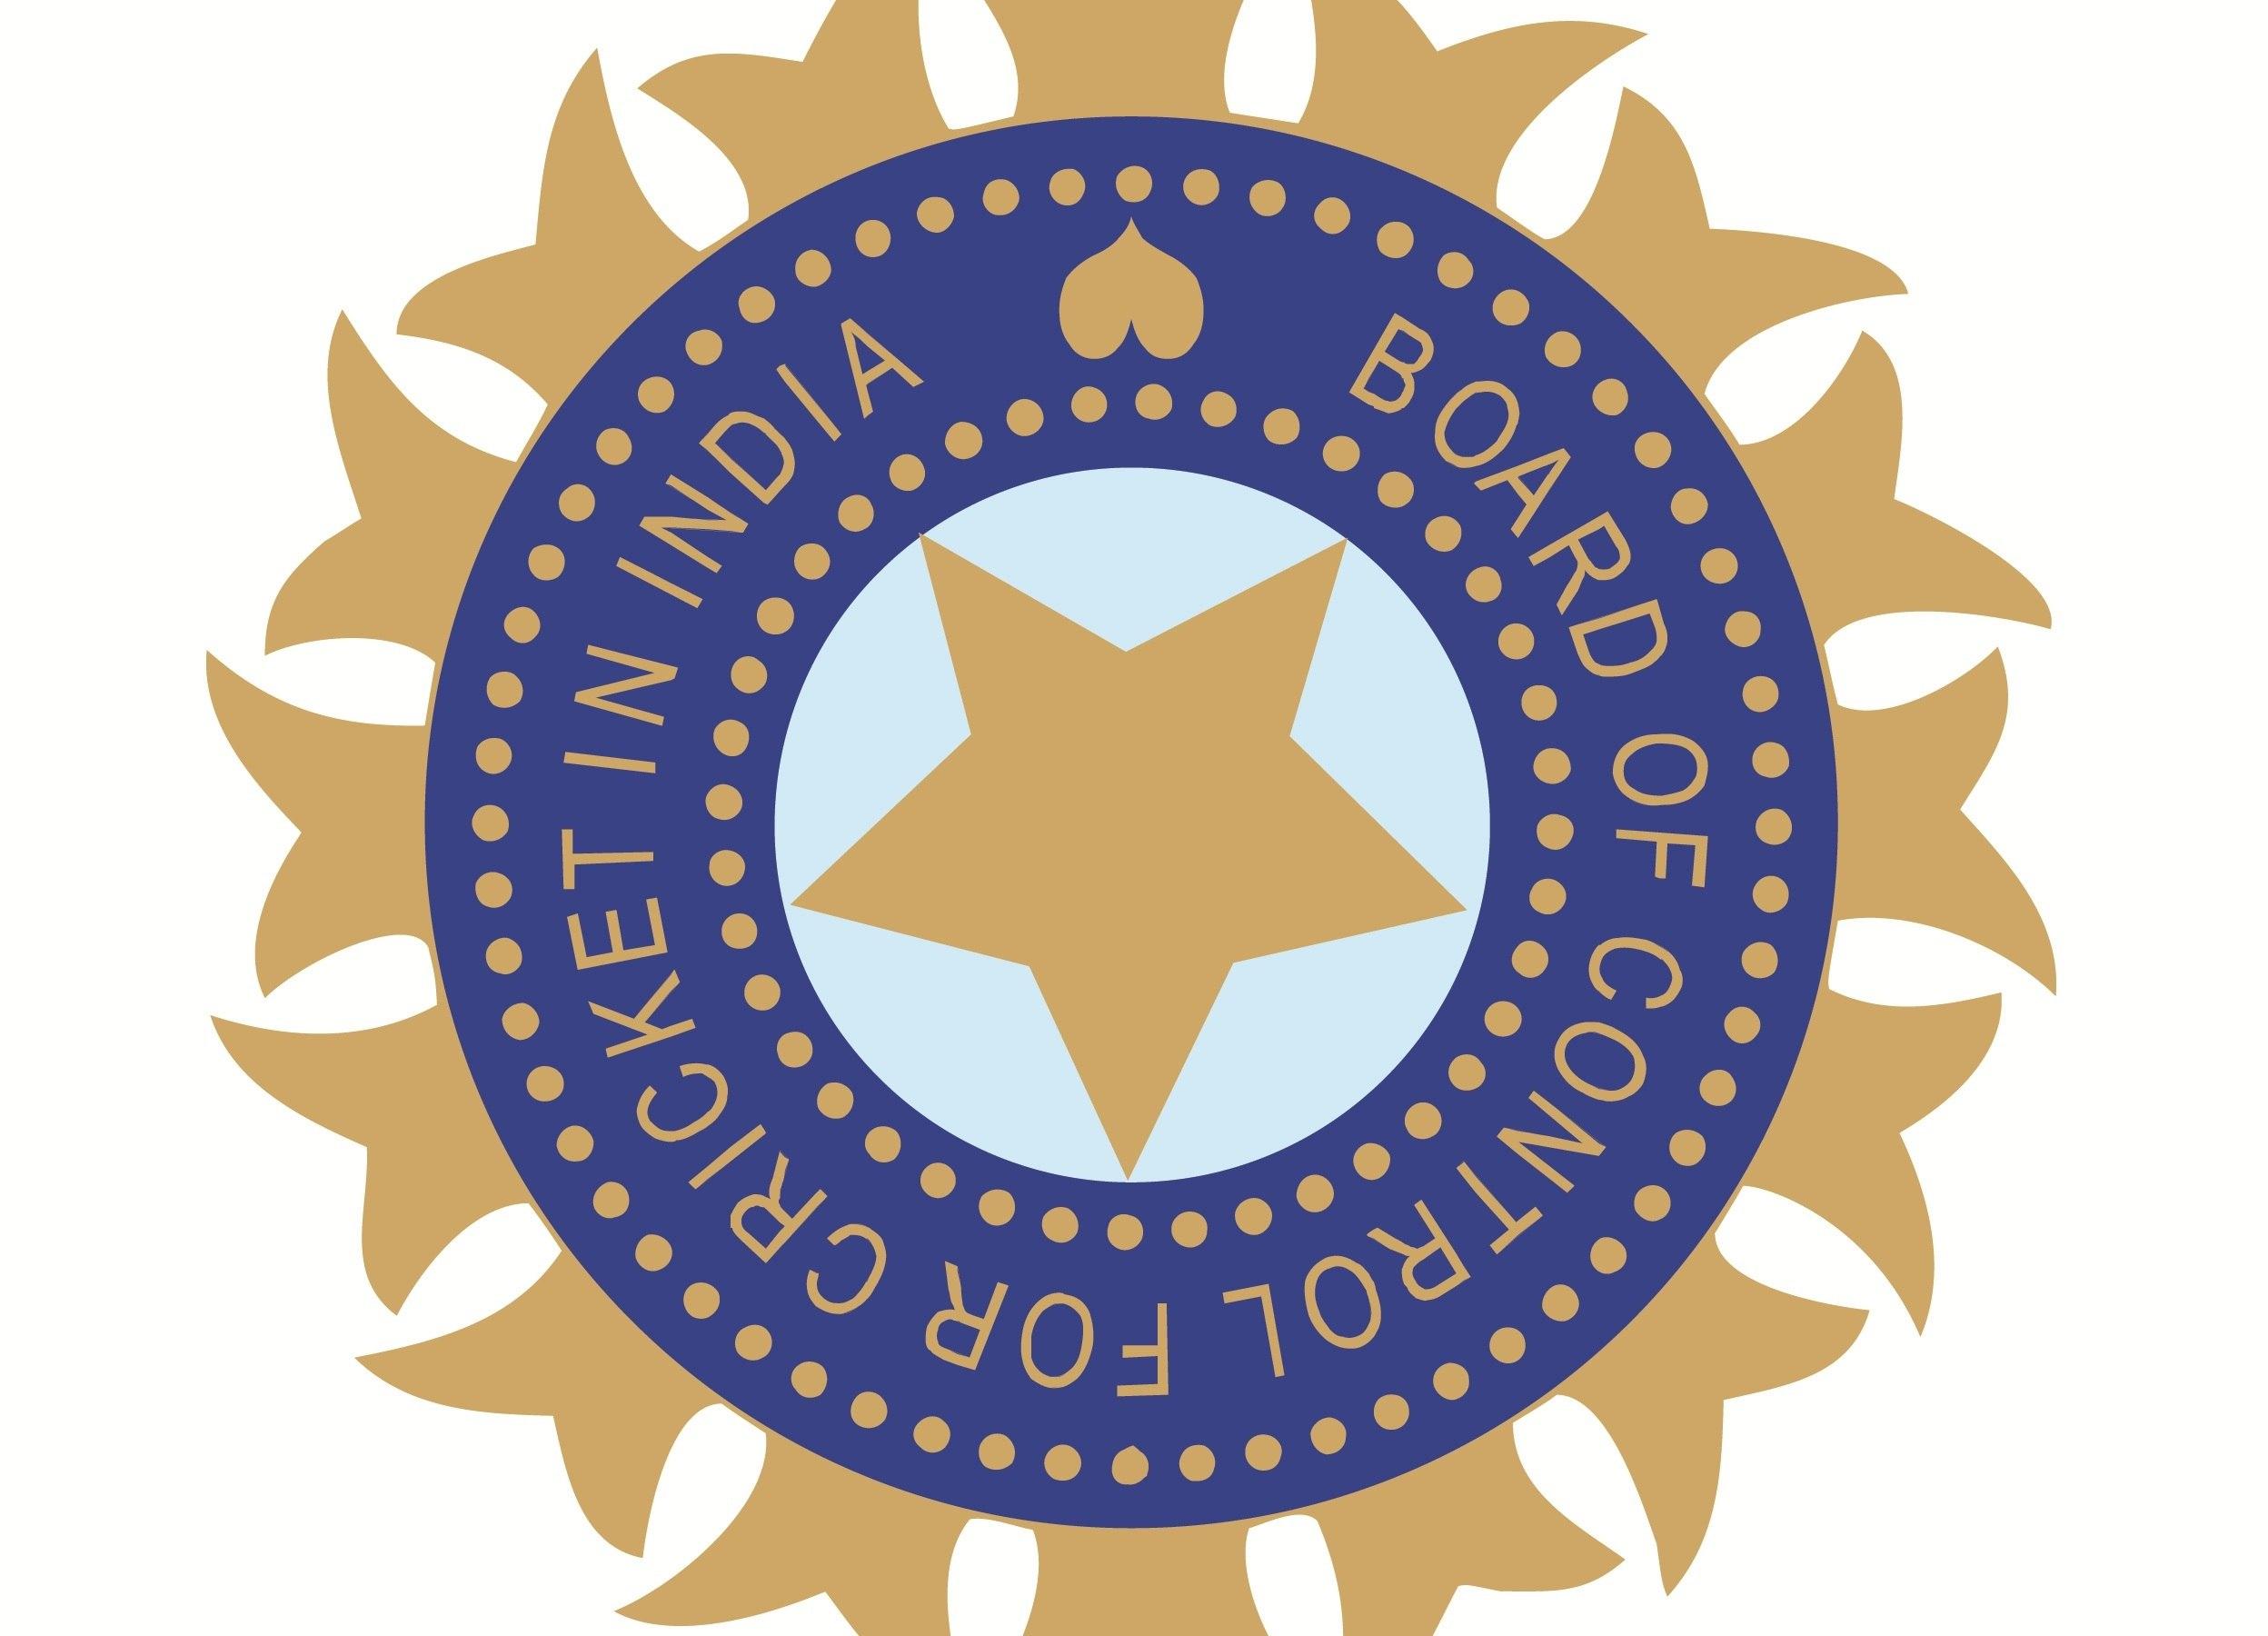 'बीसीसीआई को लोढ़ा समिति की 85 फीसदी सिफारिशें मान लेनी चाहिए' 15